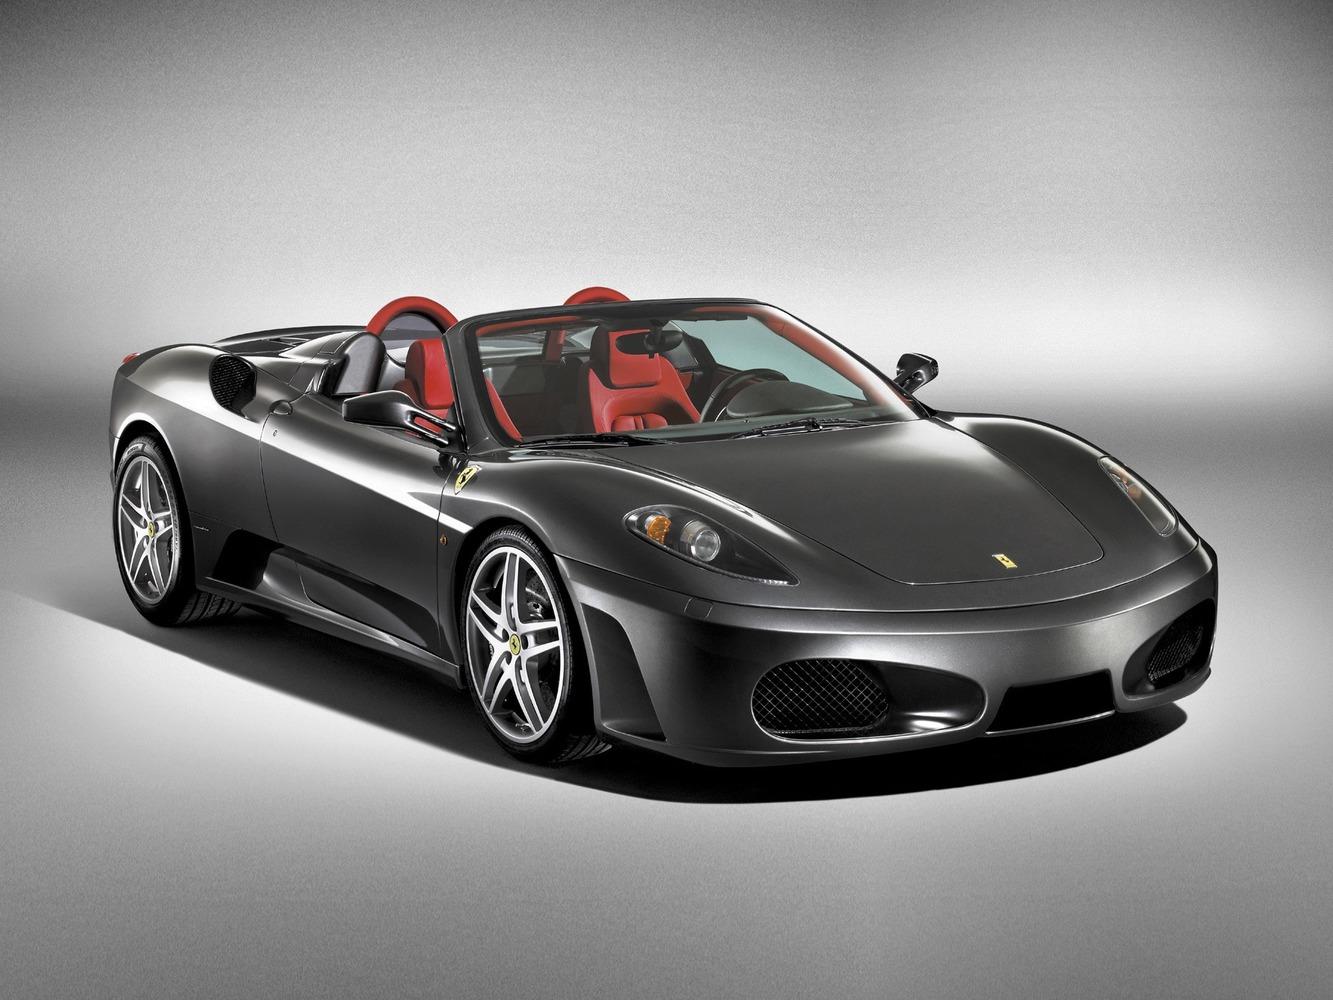 ferrari Ferrari F430